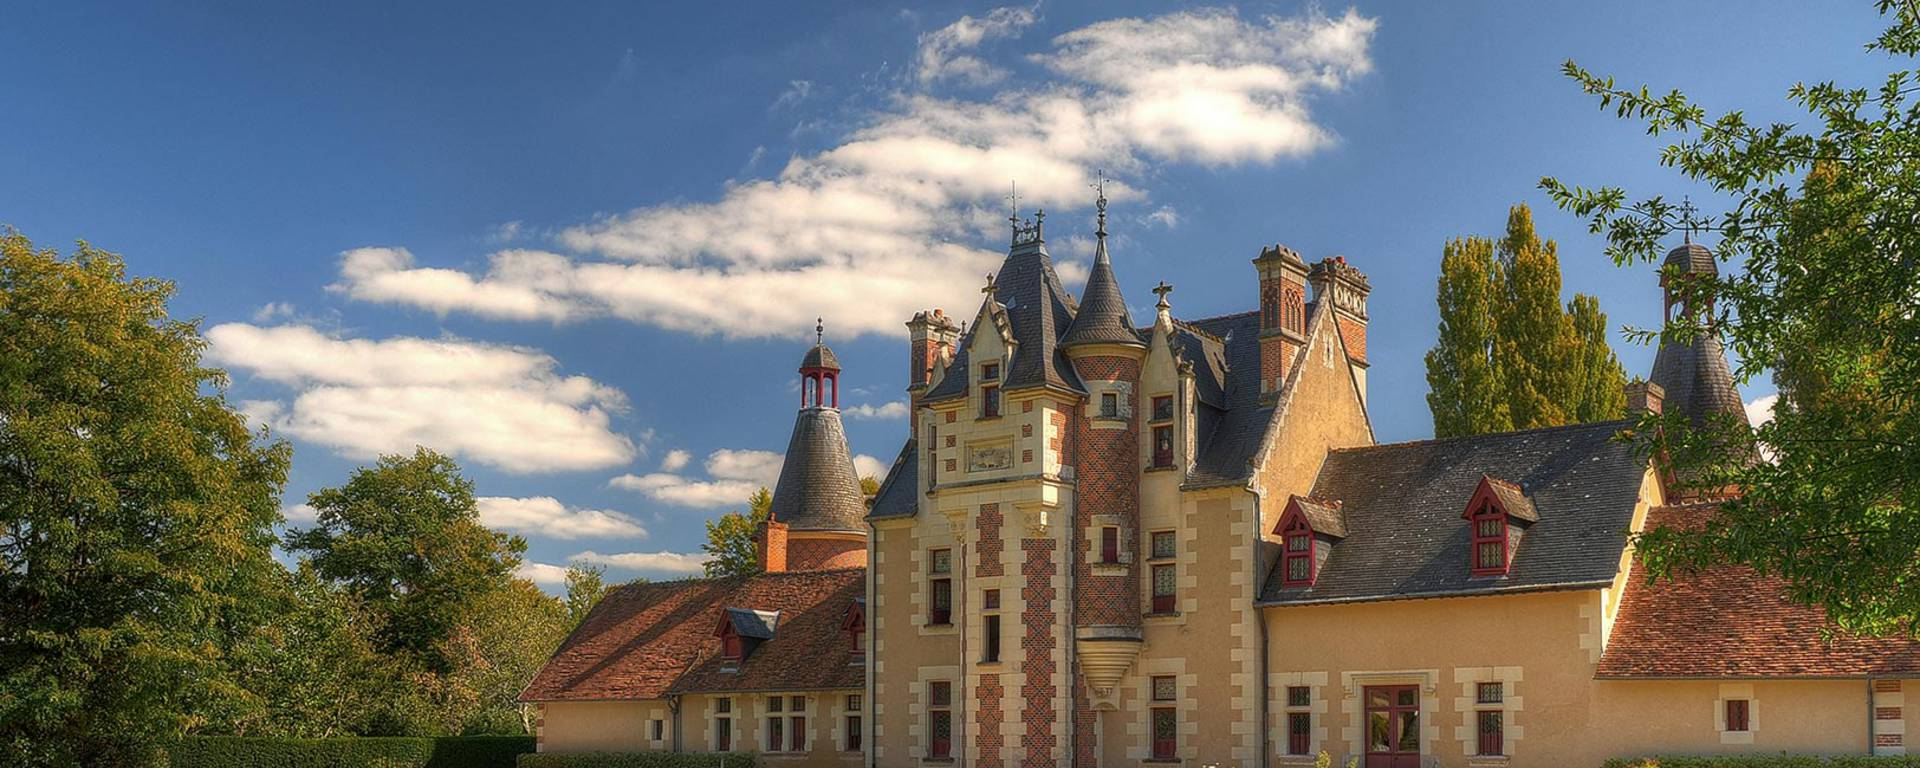 Die Fassade von Schloss Troussay